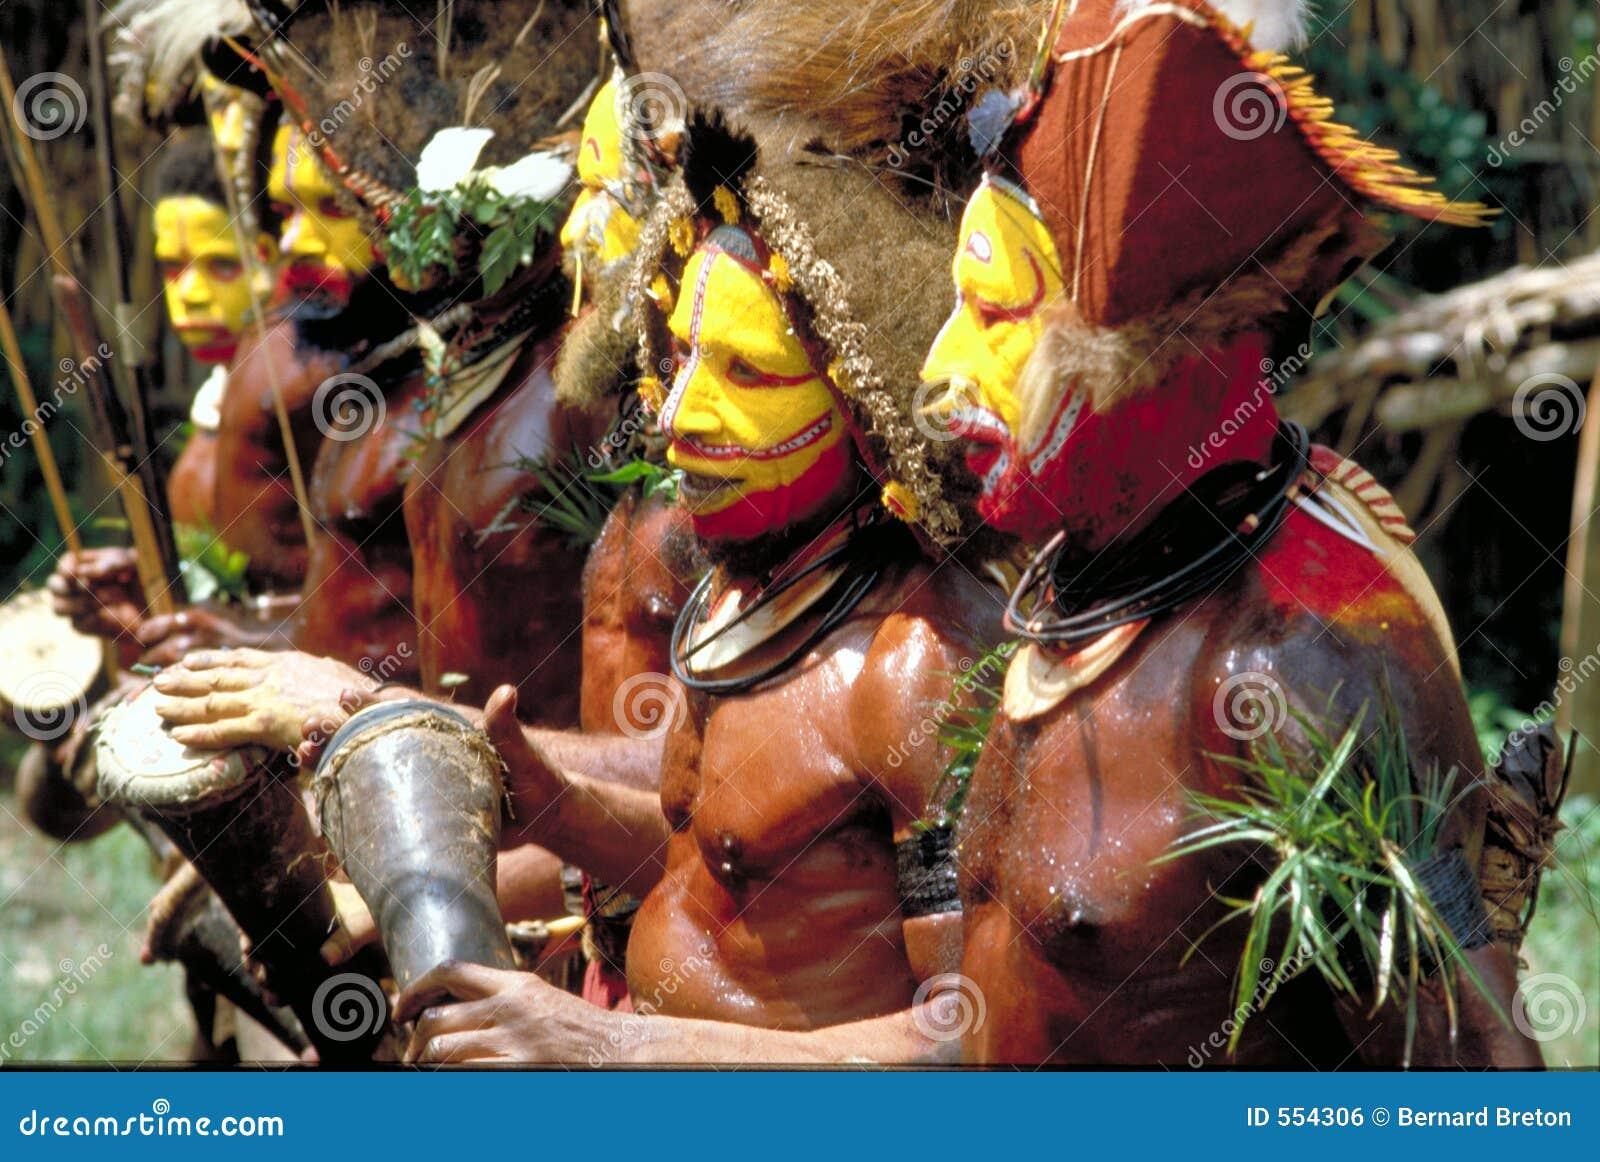 Papua-Neu-Guinea, Tanz